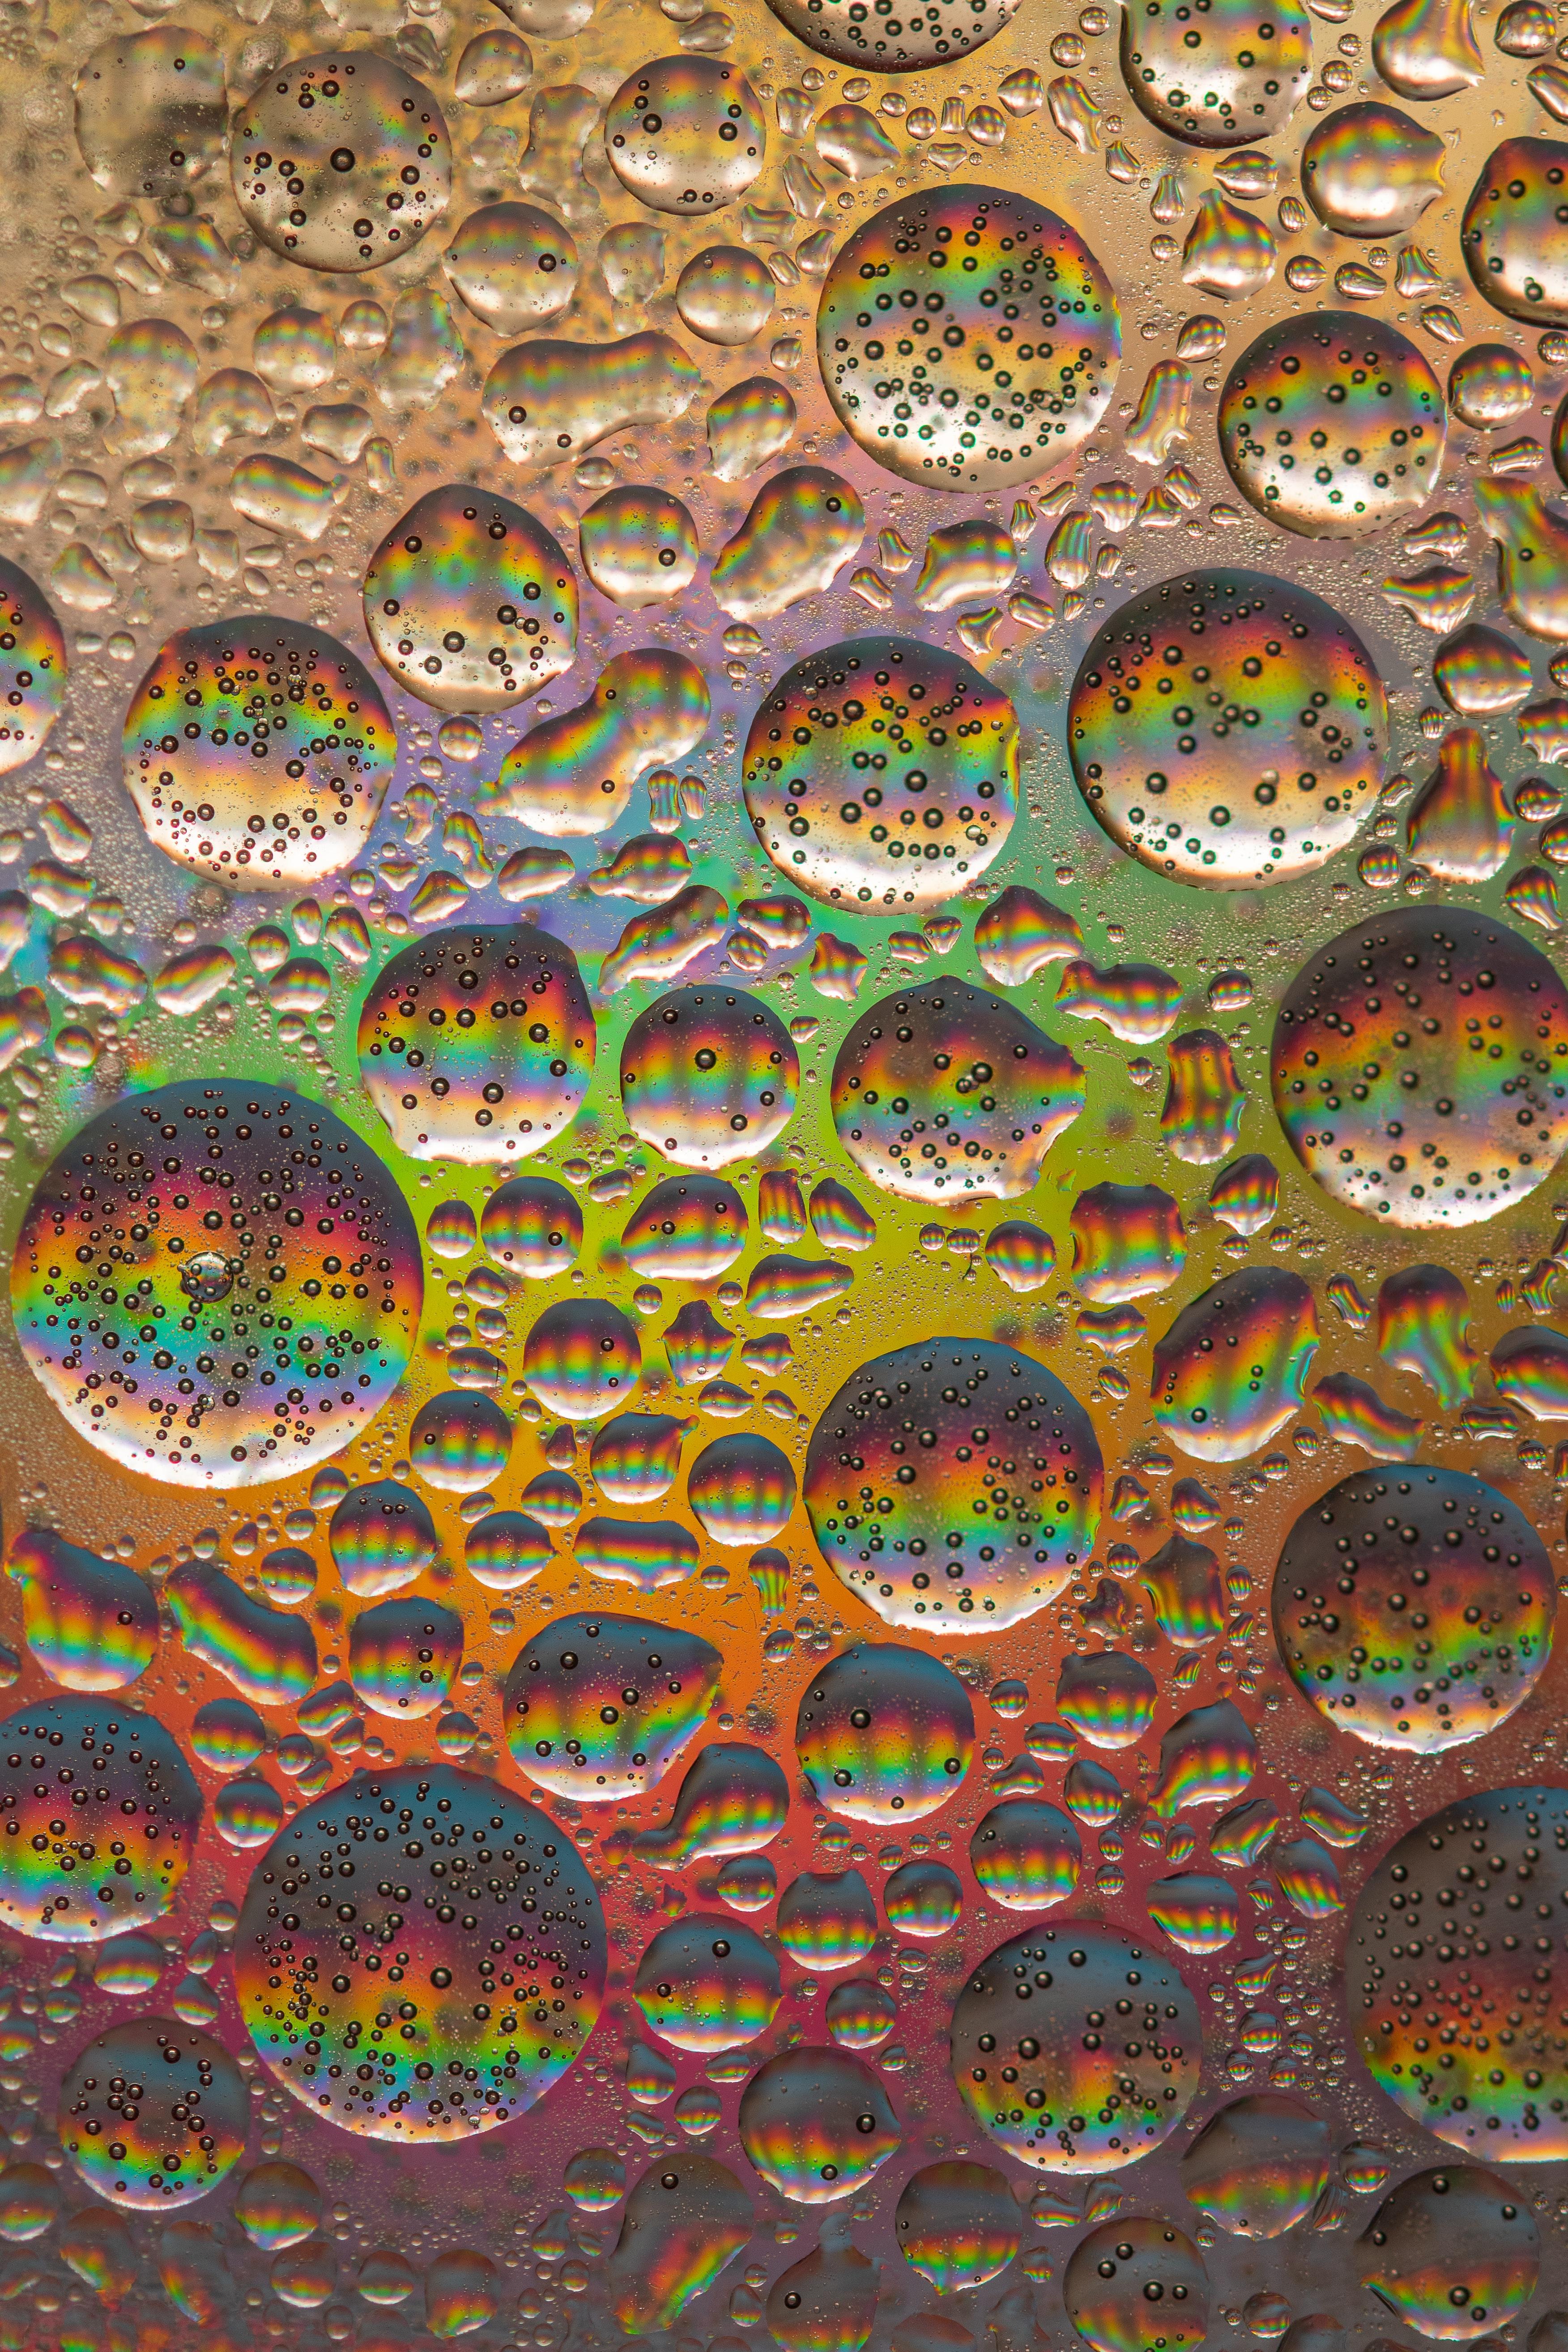 138360 Заставки и Обои Радуга на телефон. Скачать Абстракция, Пузыри, Радуга, Круглый картинки бесплатно